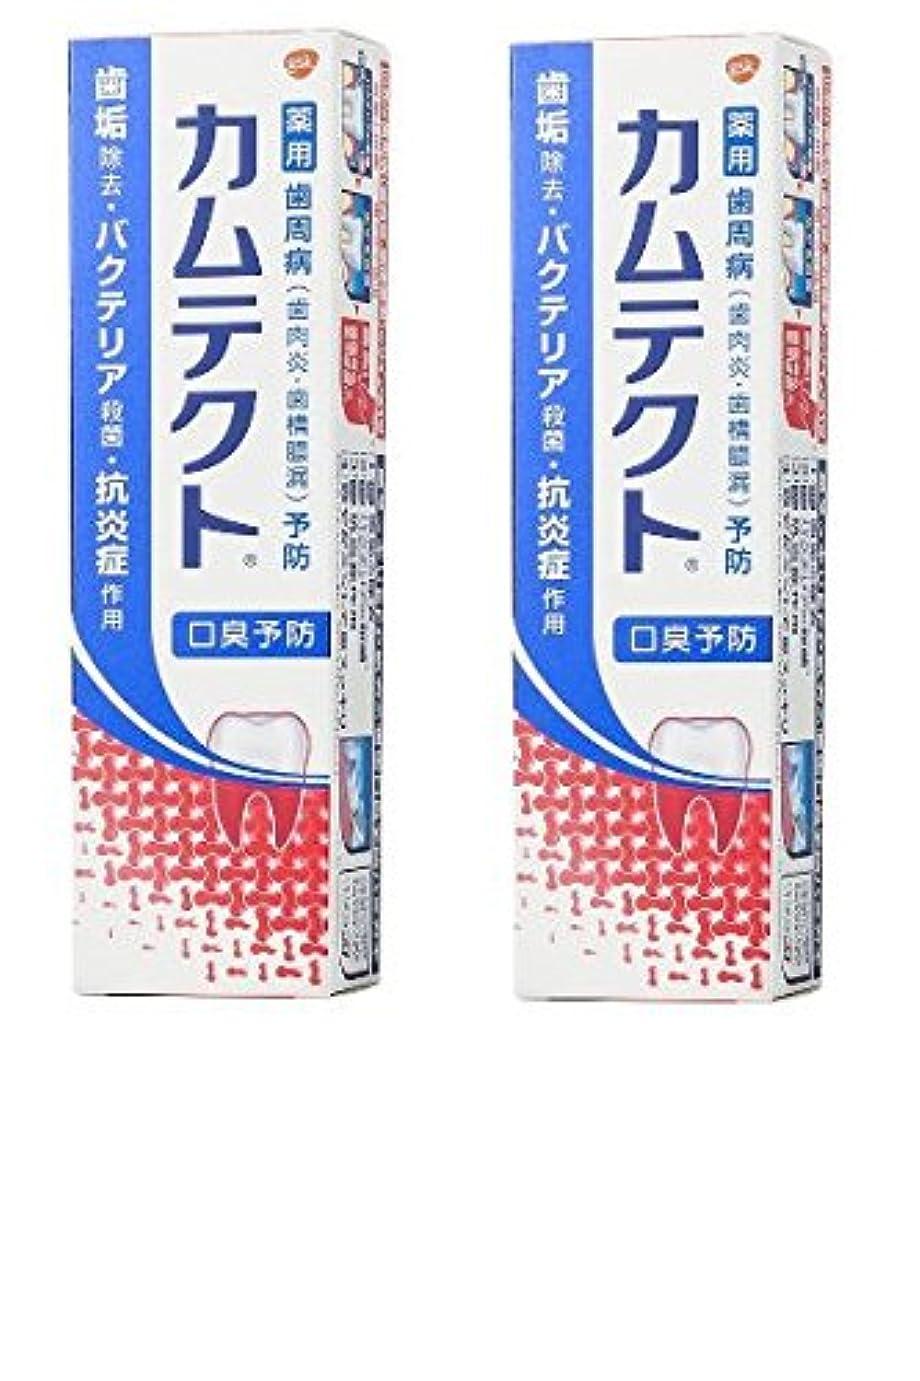 特権植物学リビジョン【まとめ買い】カムテクト 口臭予防 歯周病(歯肉炎?歯槽膿漏) 予防 歯みがき粉 105g × 2個